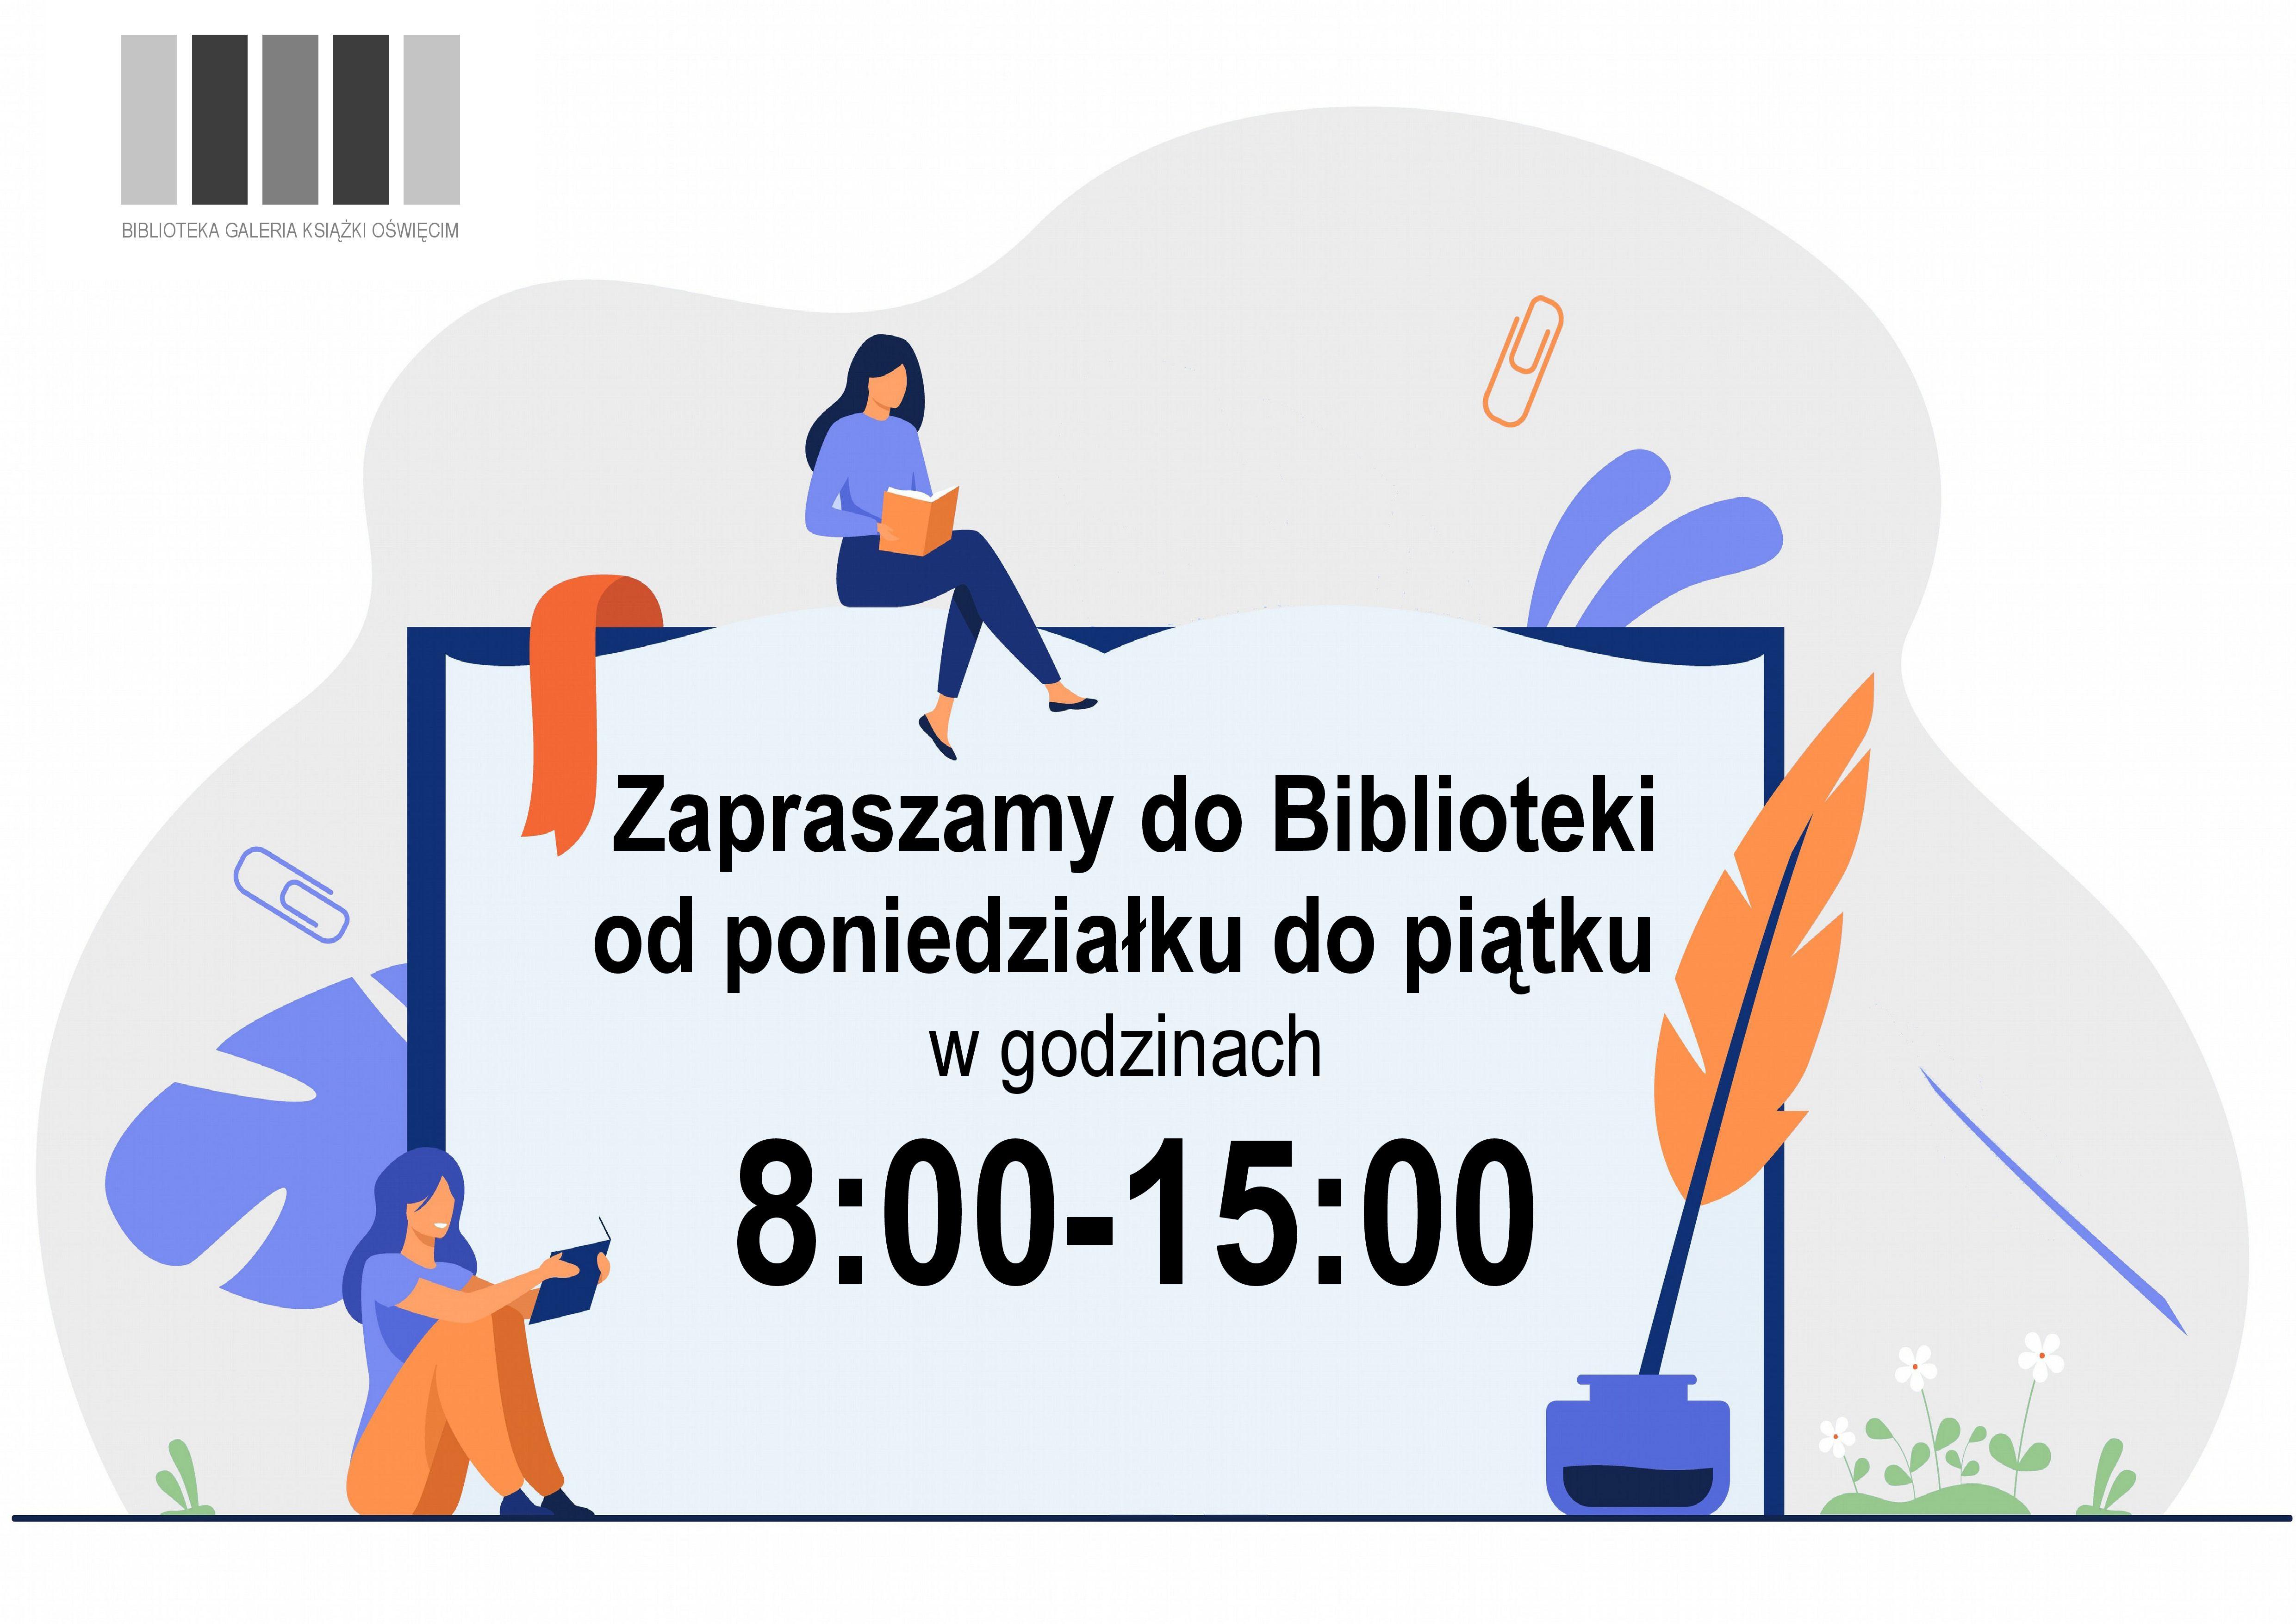 Plakat zmienione godziny otwarcia